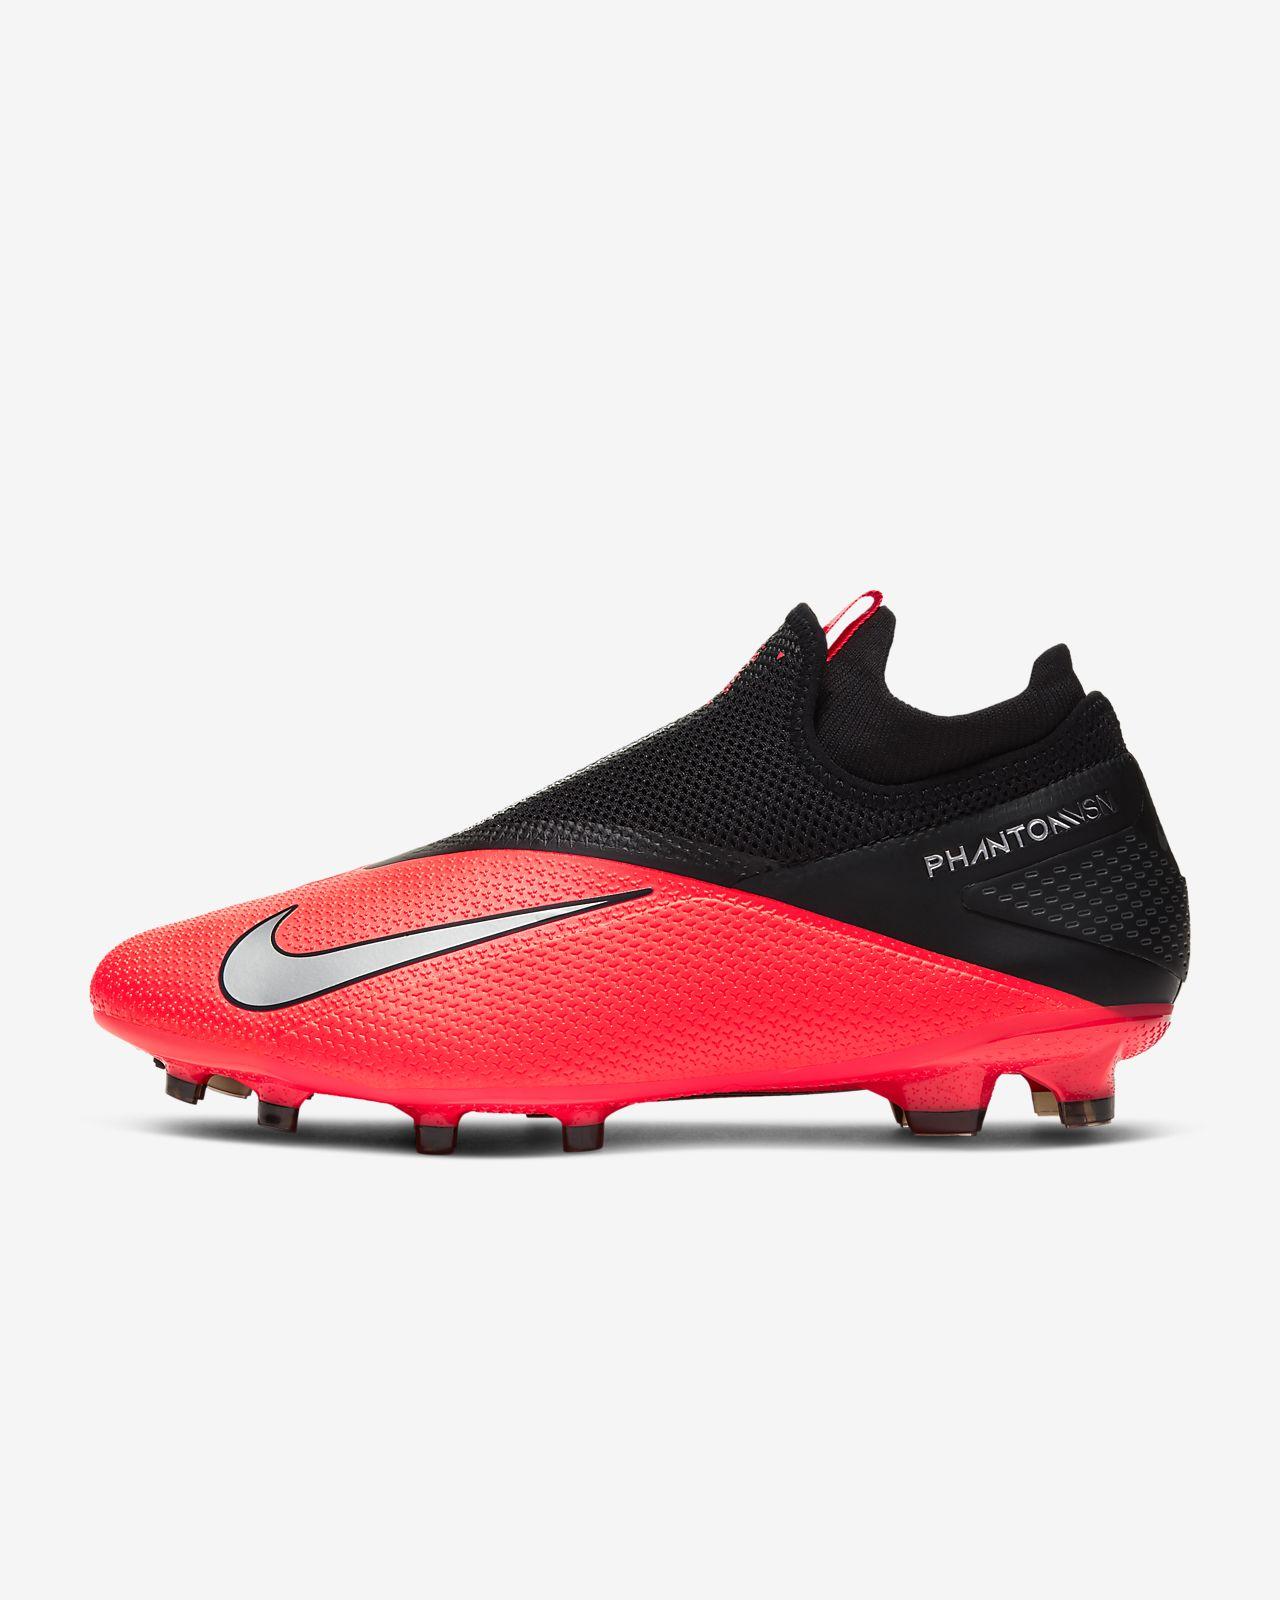 Kopačka na pevný povrch Nike Phantom Vision 2 Pro Dynamic Fit FG